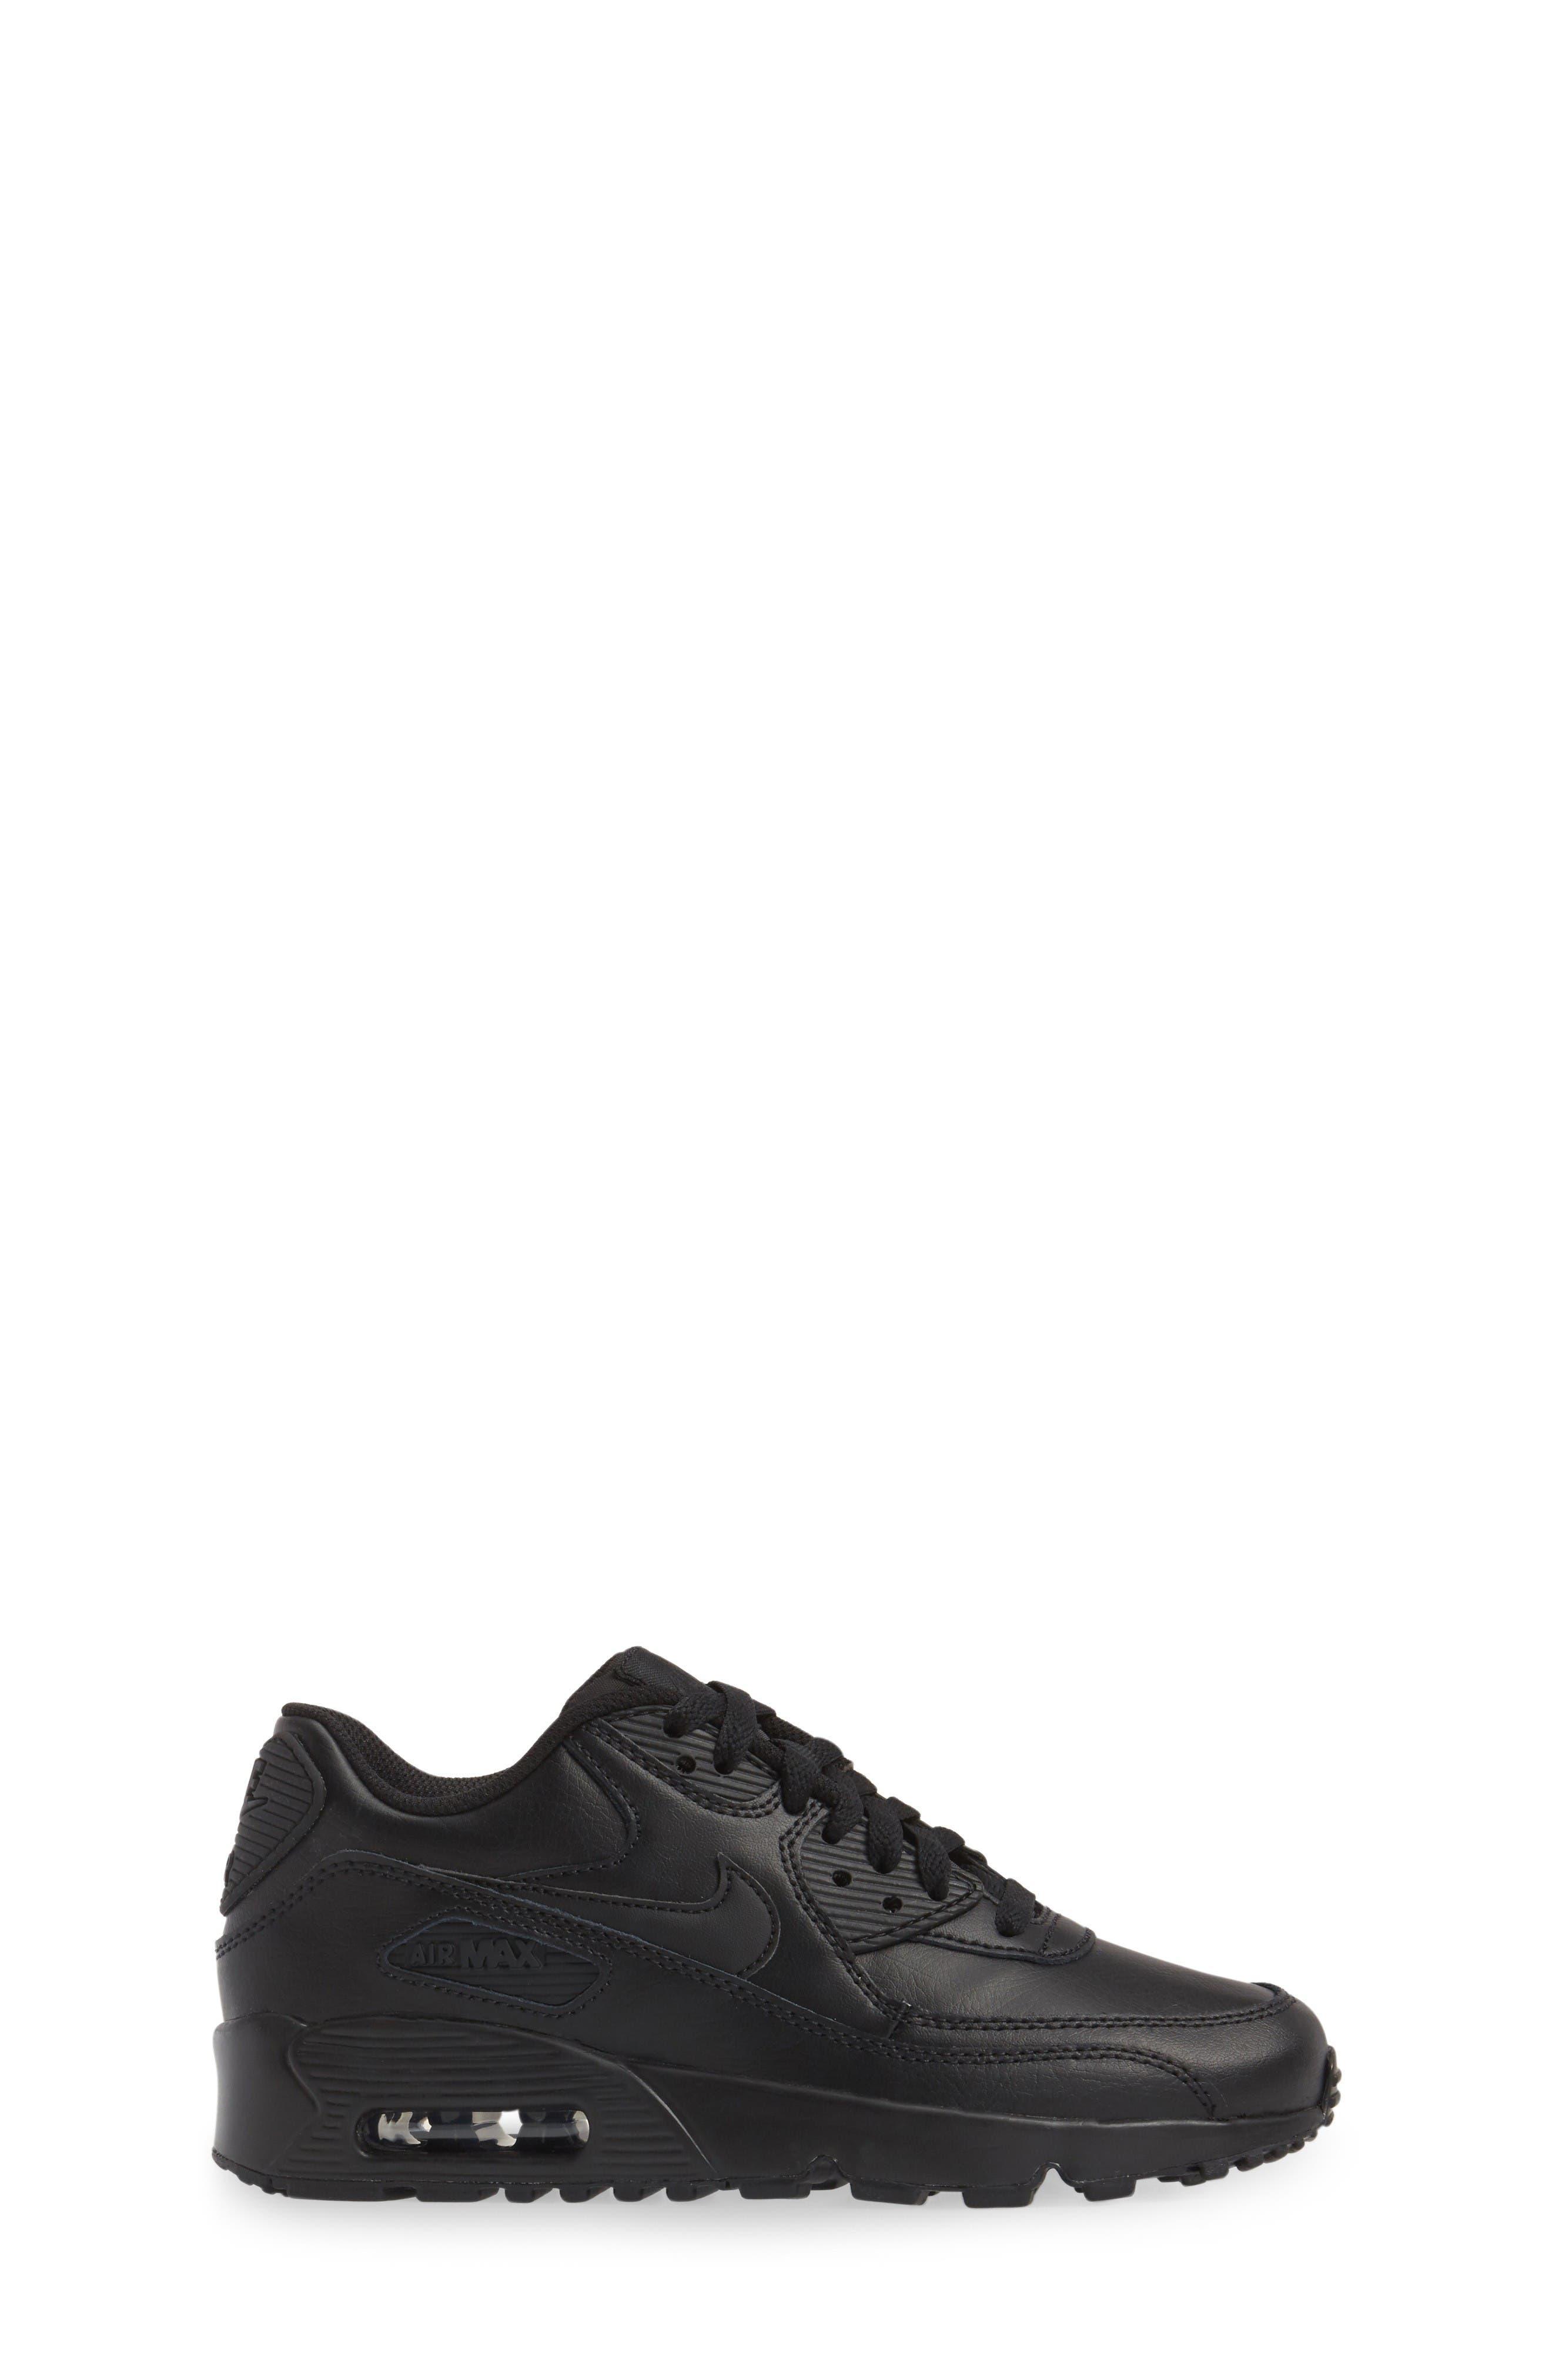 Alternate Image 3  - Nike Air Max 90 Sneaker (Big Kid)